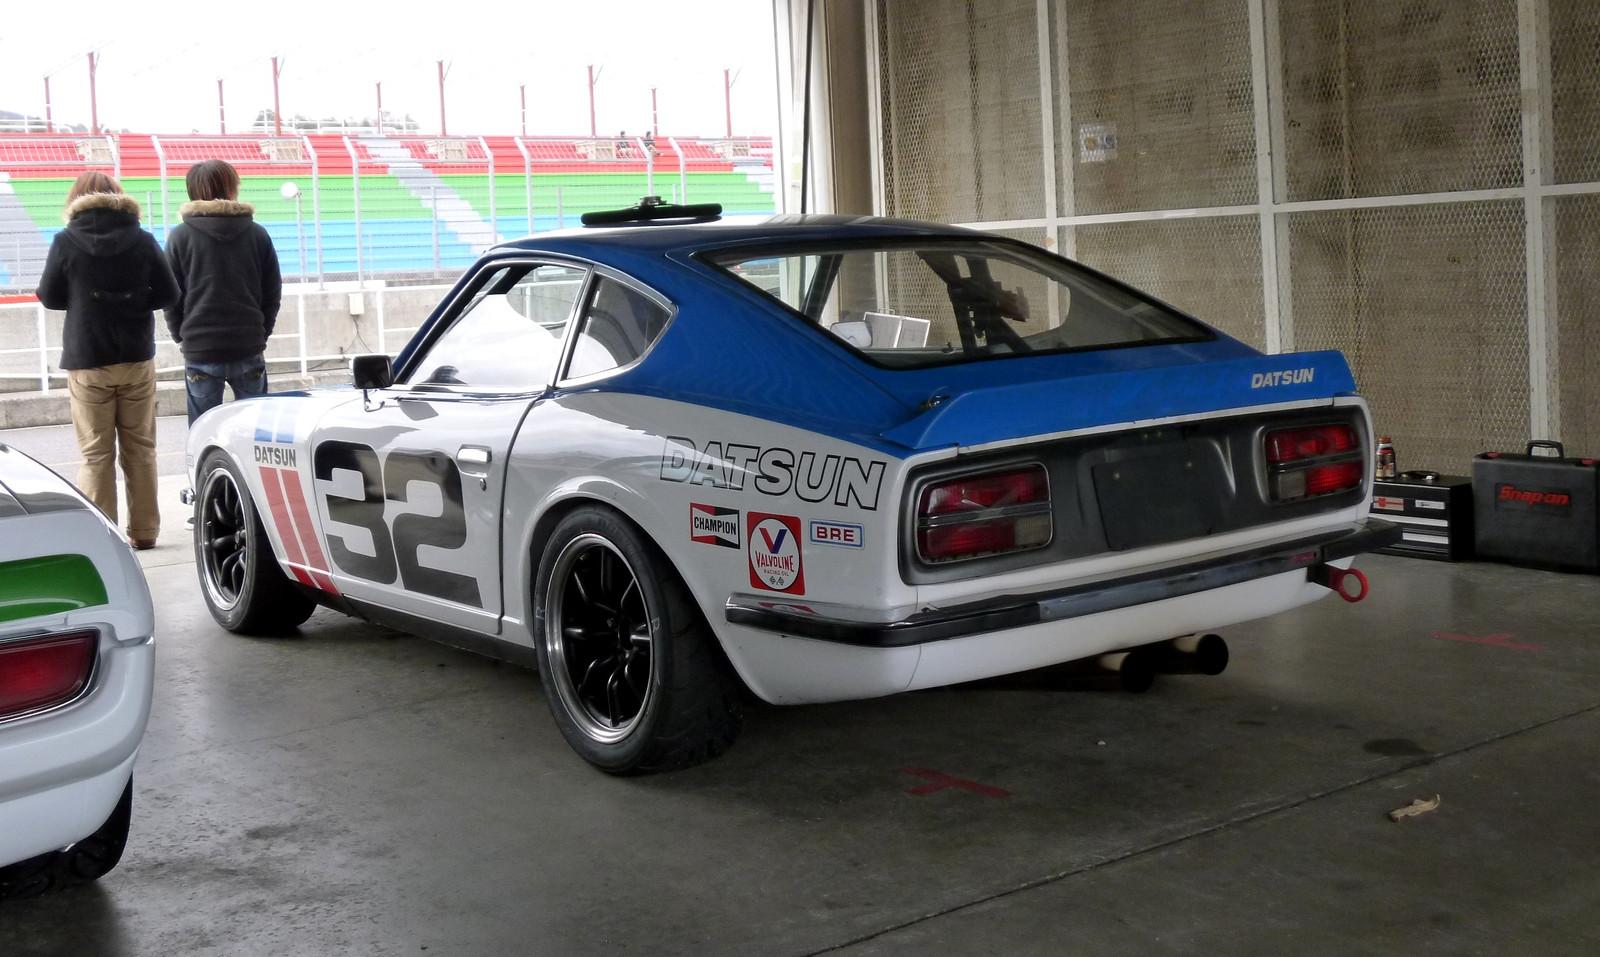 Nissan Fairlady Z S30, kultowy, samochód z duszą, datsun, sportowy, japoński, jdm, zdjęcia, tuning, wyścigi, oldschool, classic